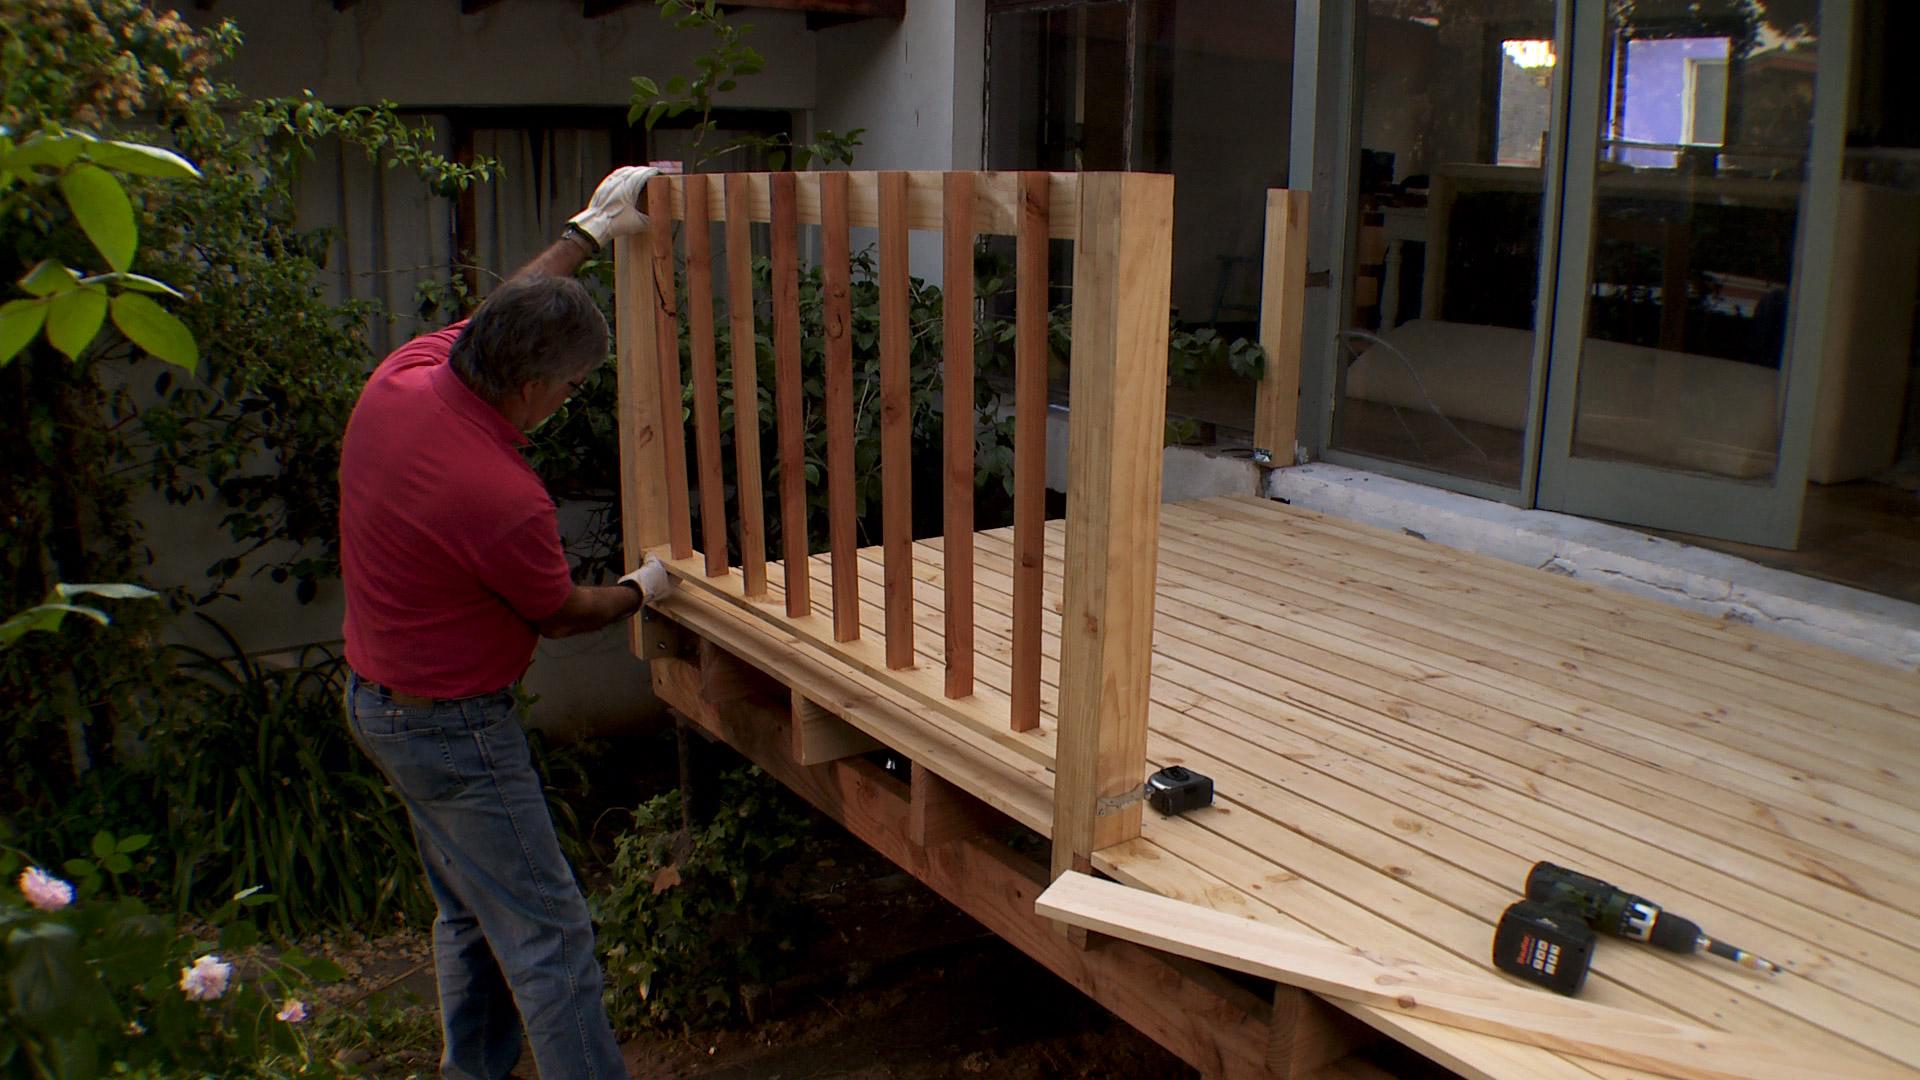 Hgalo Usted Mismo  Cmo construir una terraza de madera